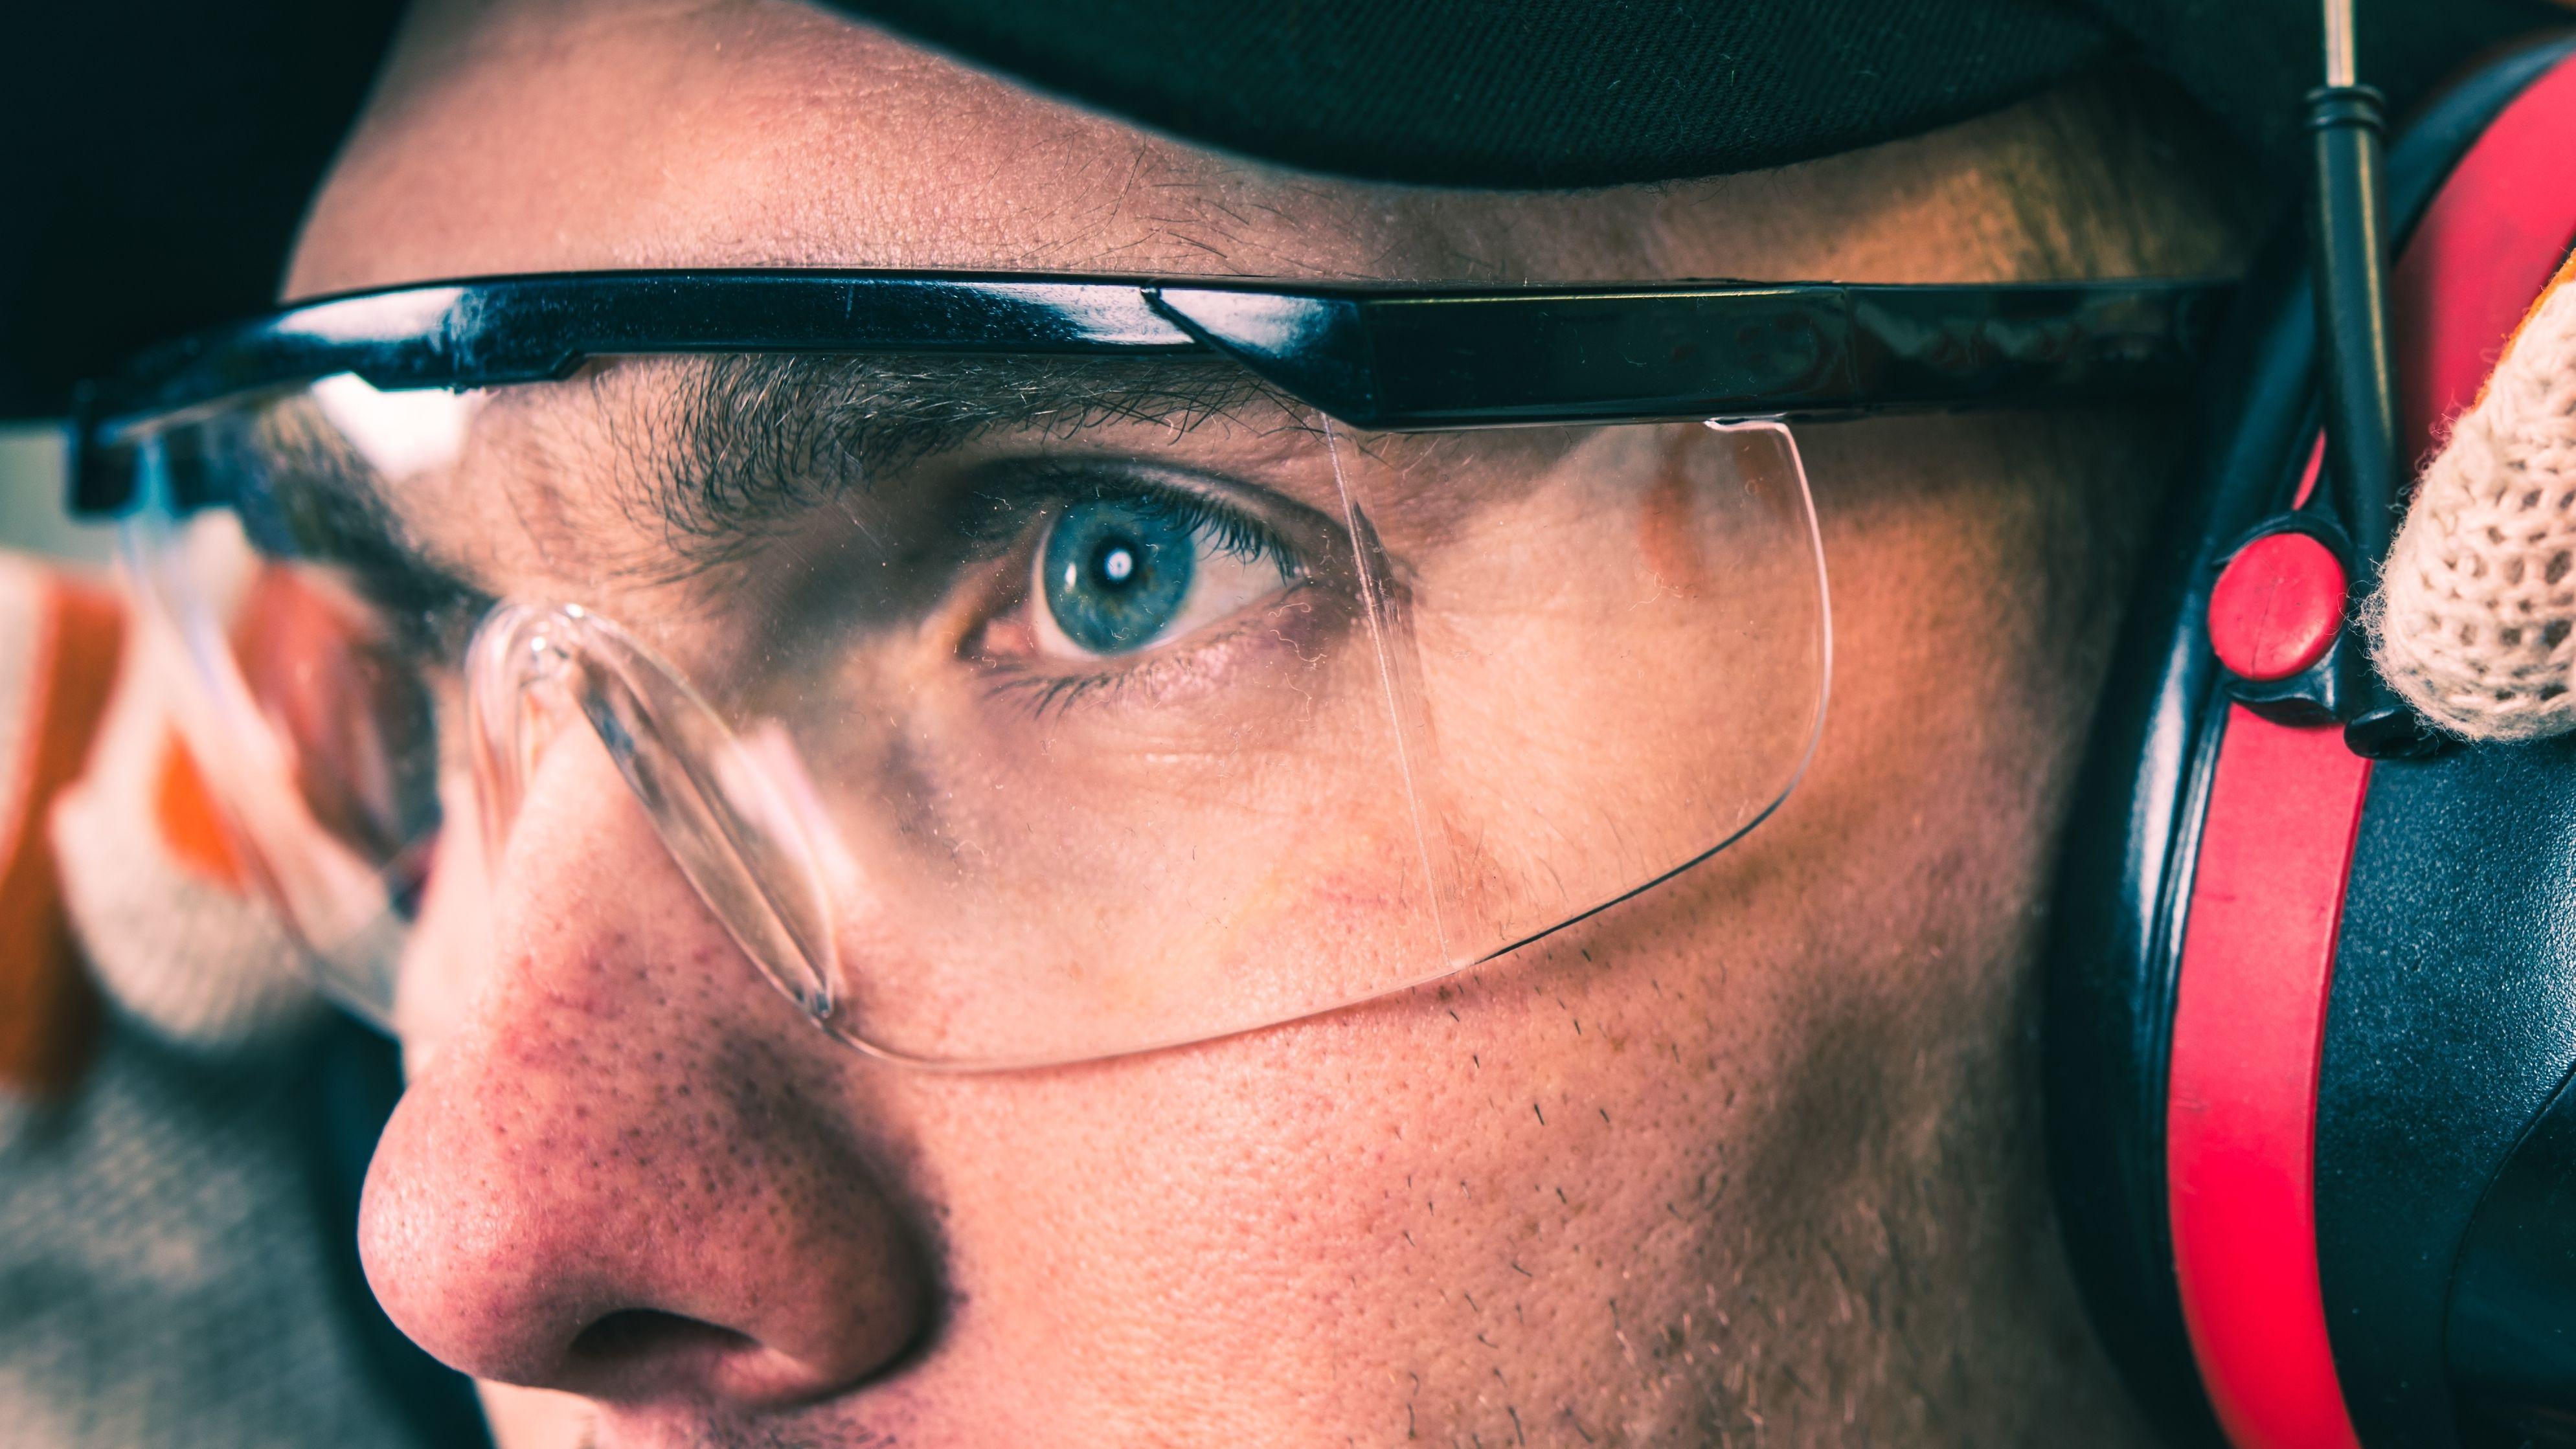 Come scegliere gli occhiali di protezione